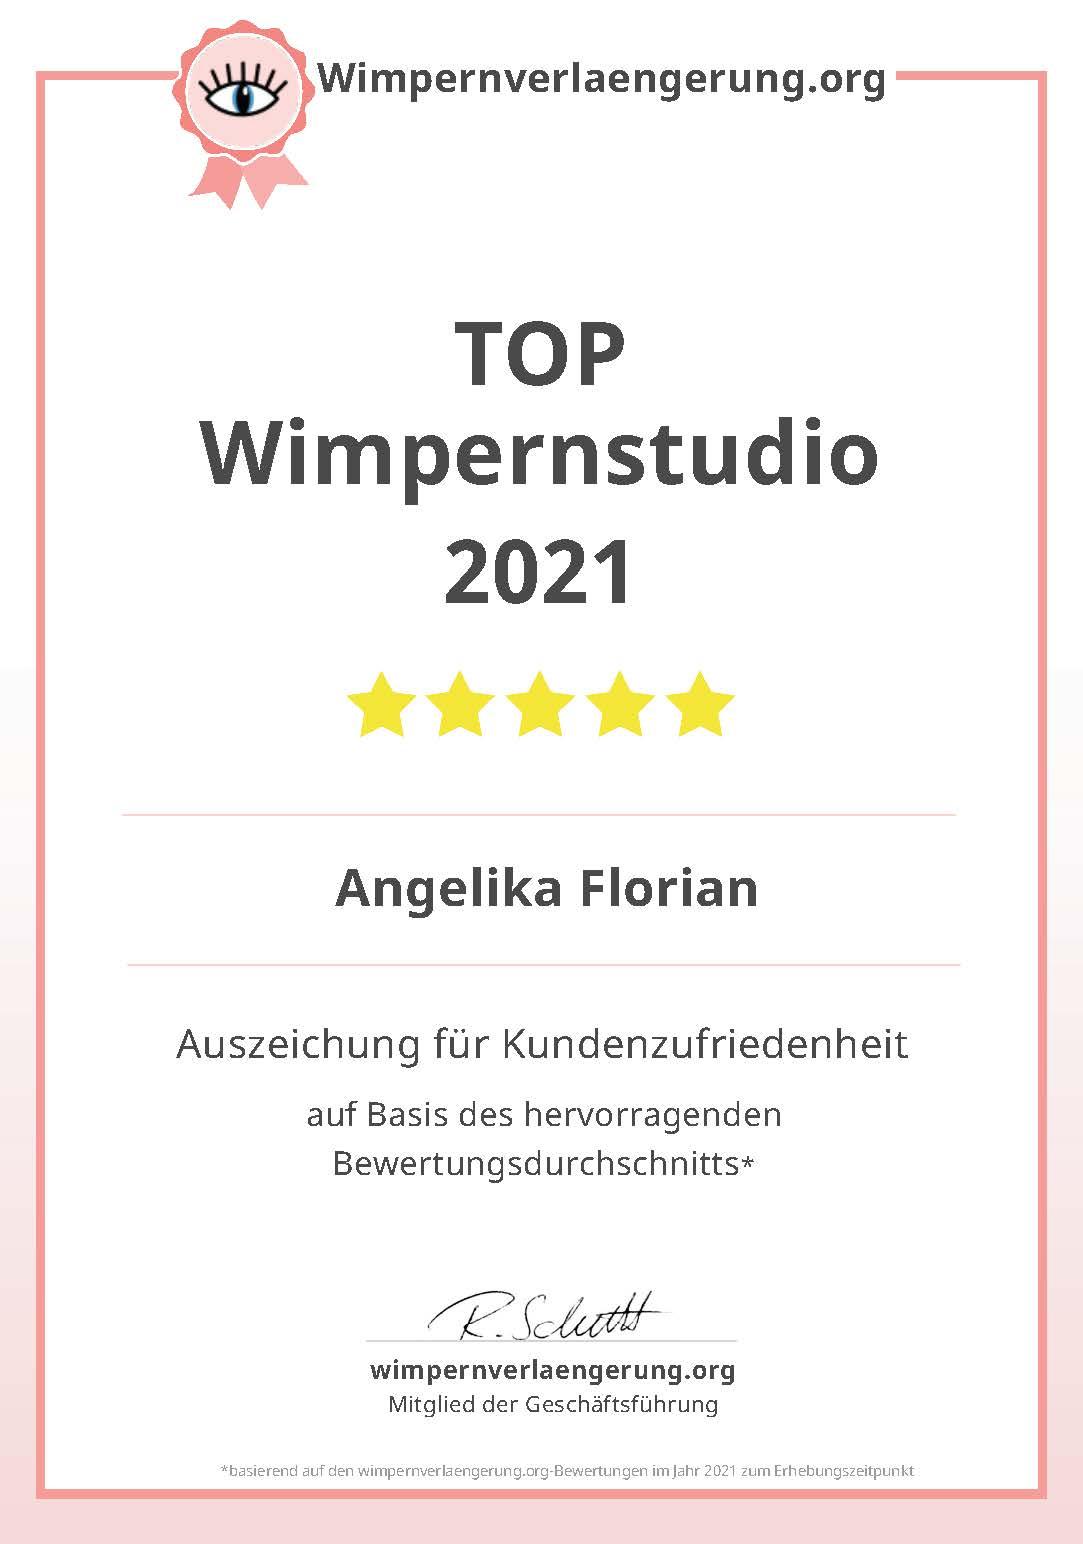 wimpernverlaengerung.org-Angelika Florian